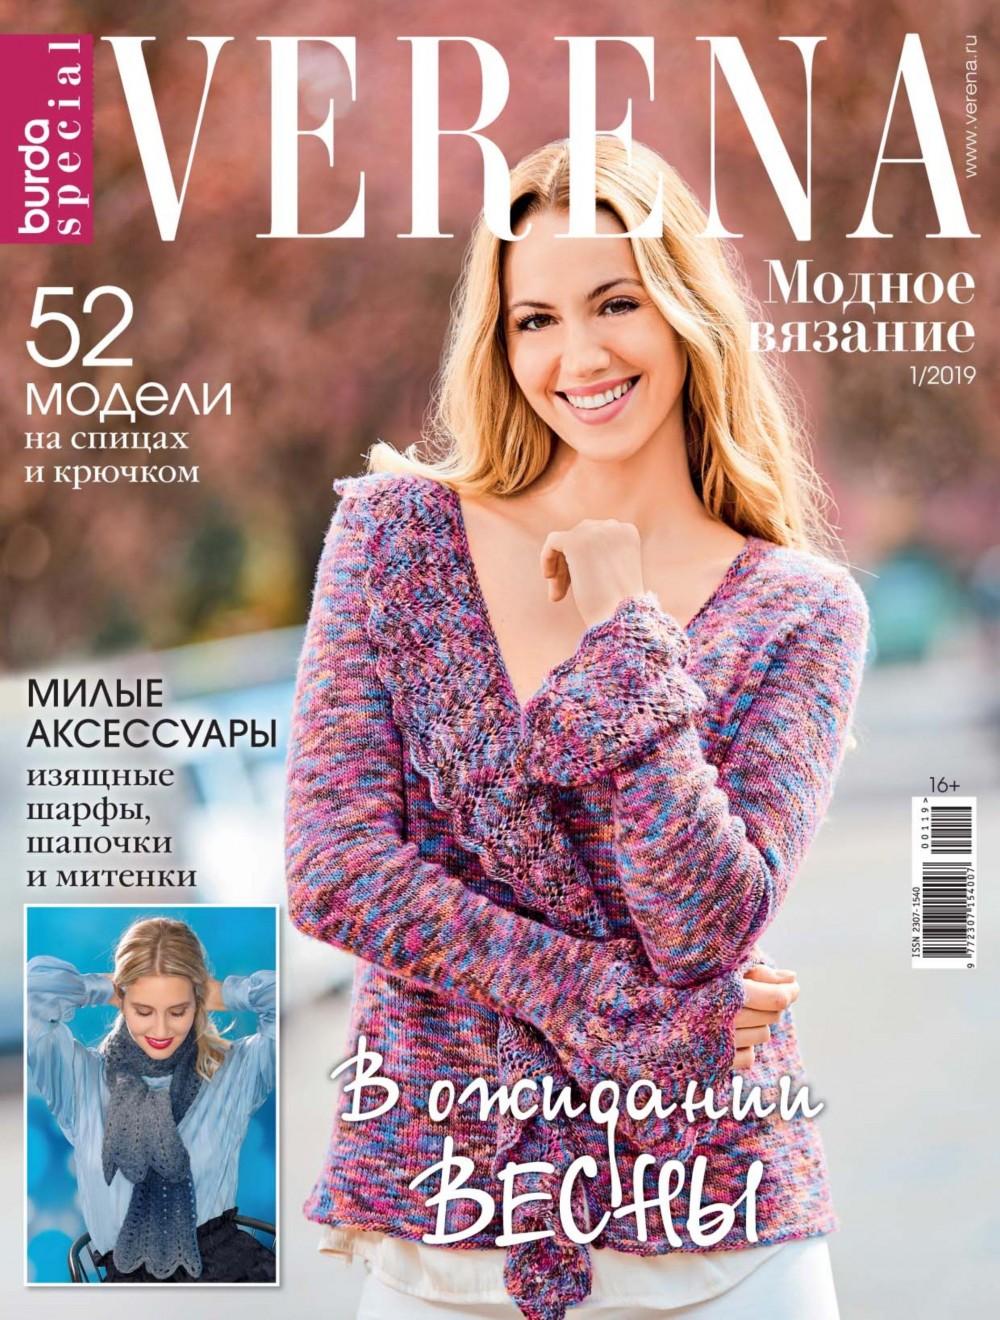 Журнал «Verena» Спецвыпуск Модное вязание №1 2019г